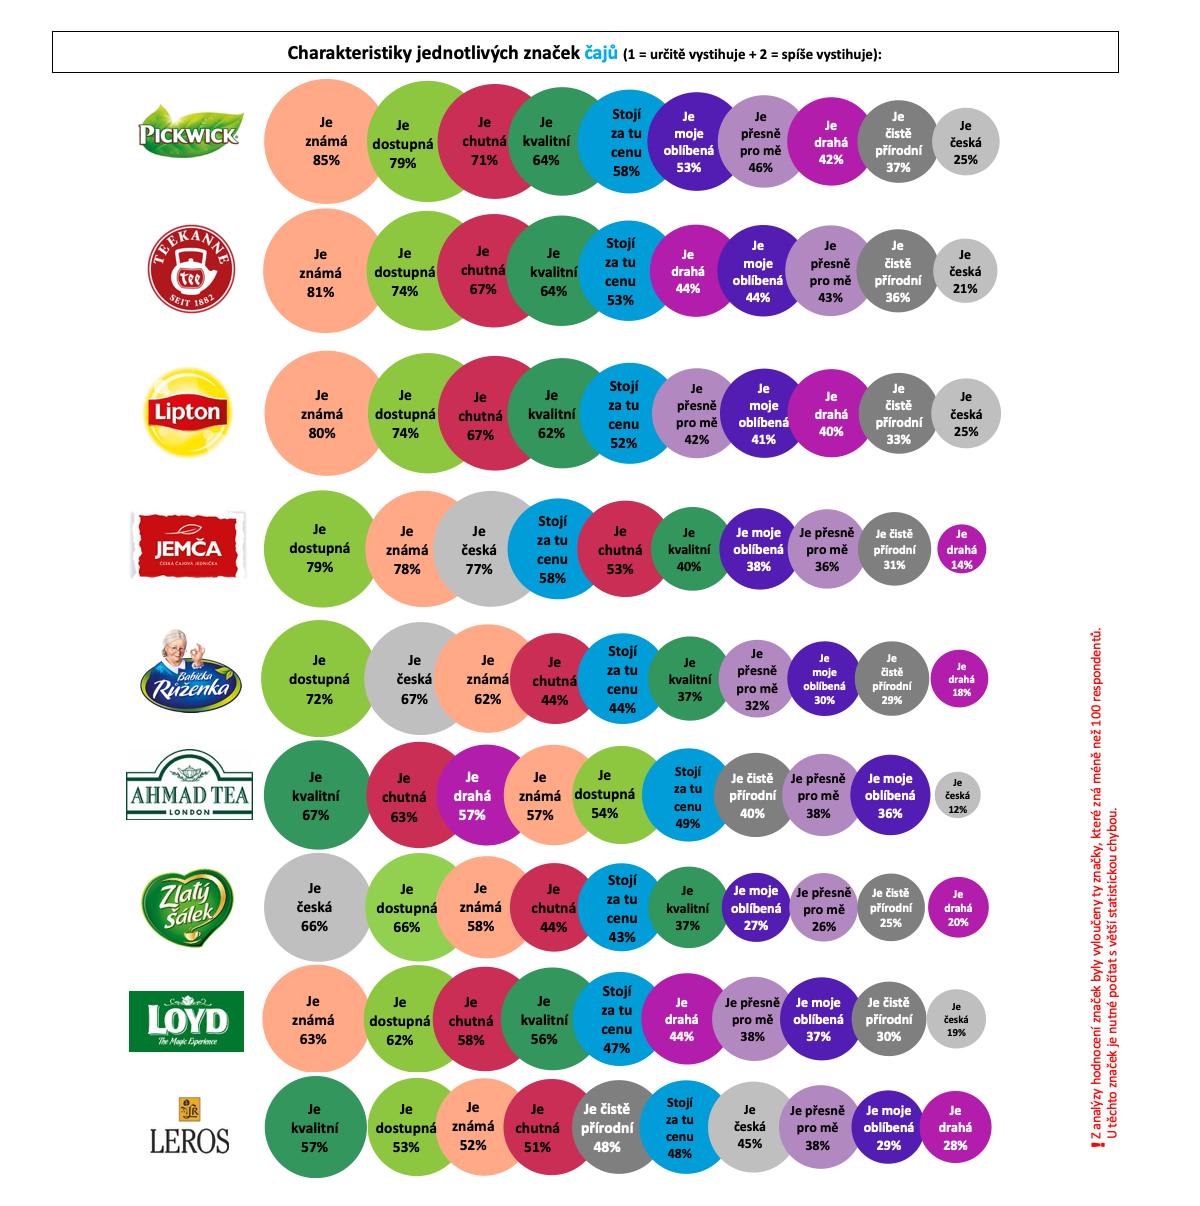 Charakteristika značek čajů podle Čechů online. Zdroj: Český národní panel, Nielsen Admosphere